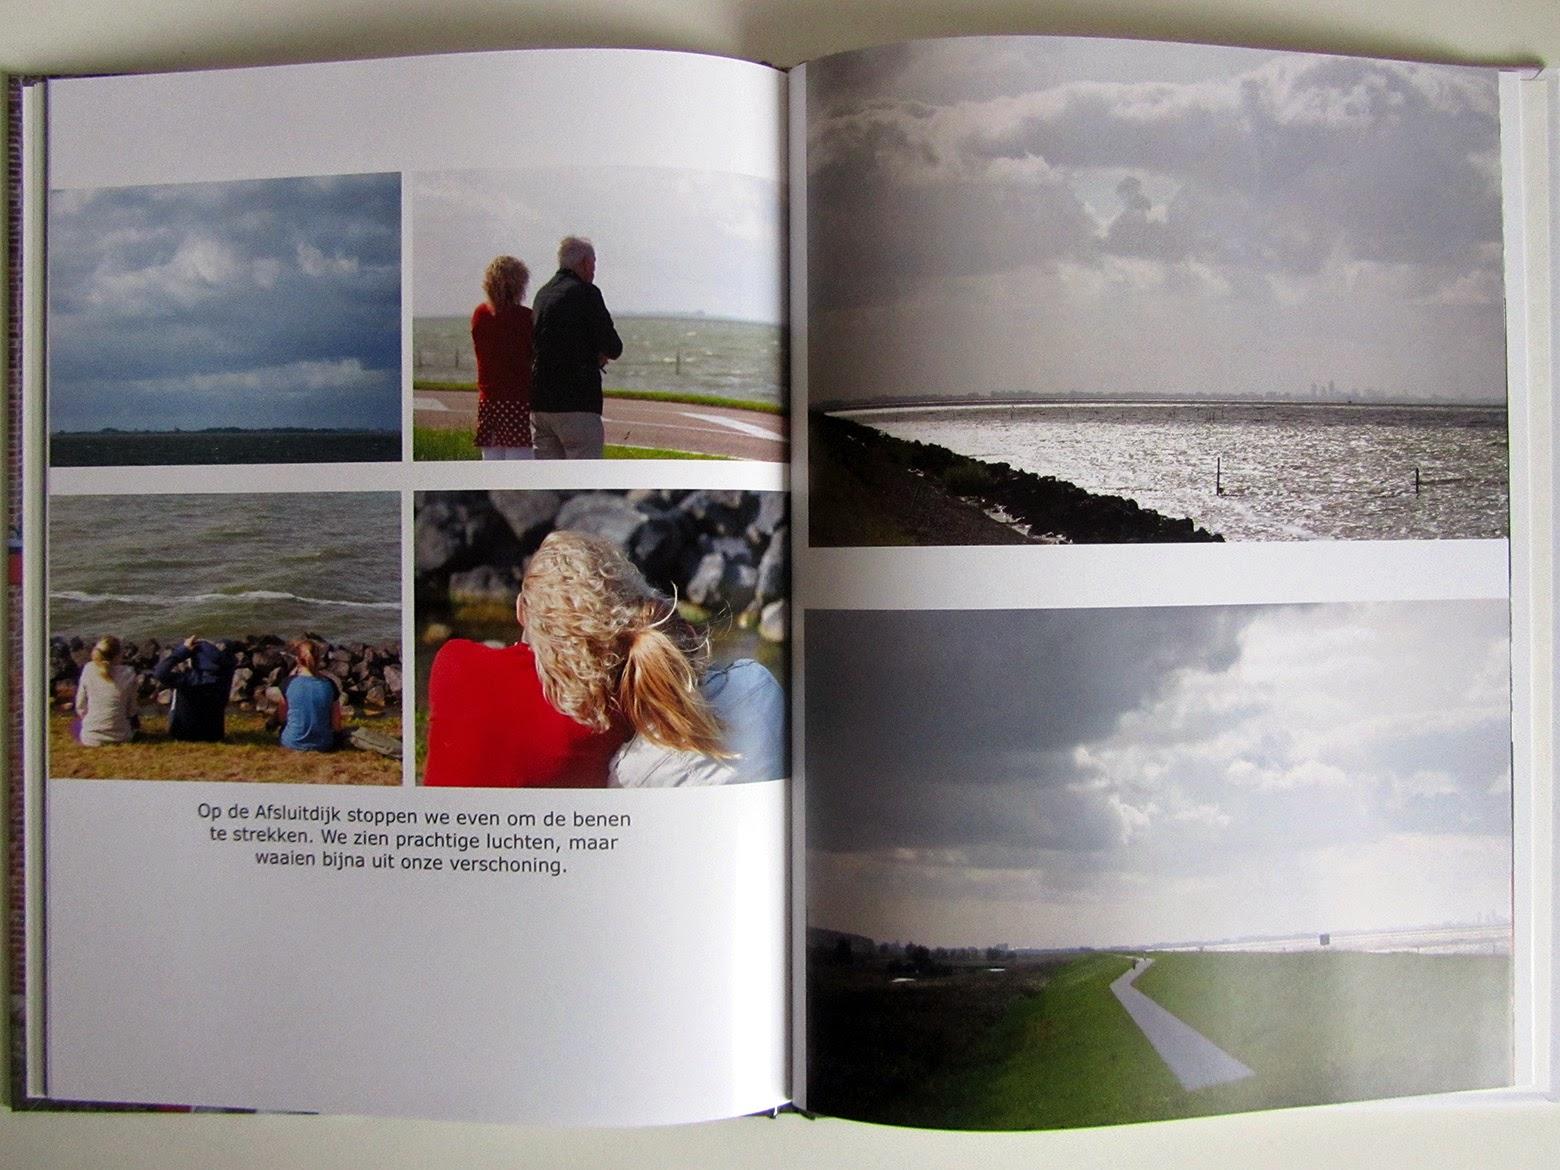 visit to Afsluitdijk